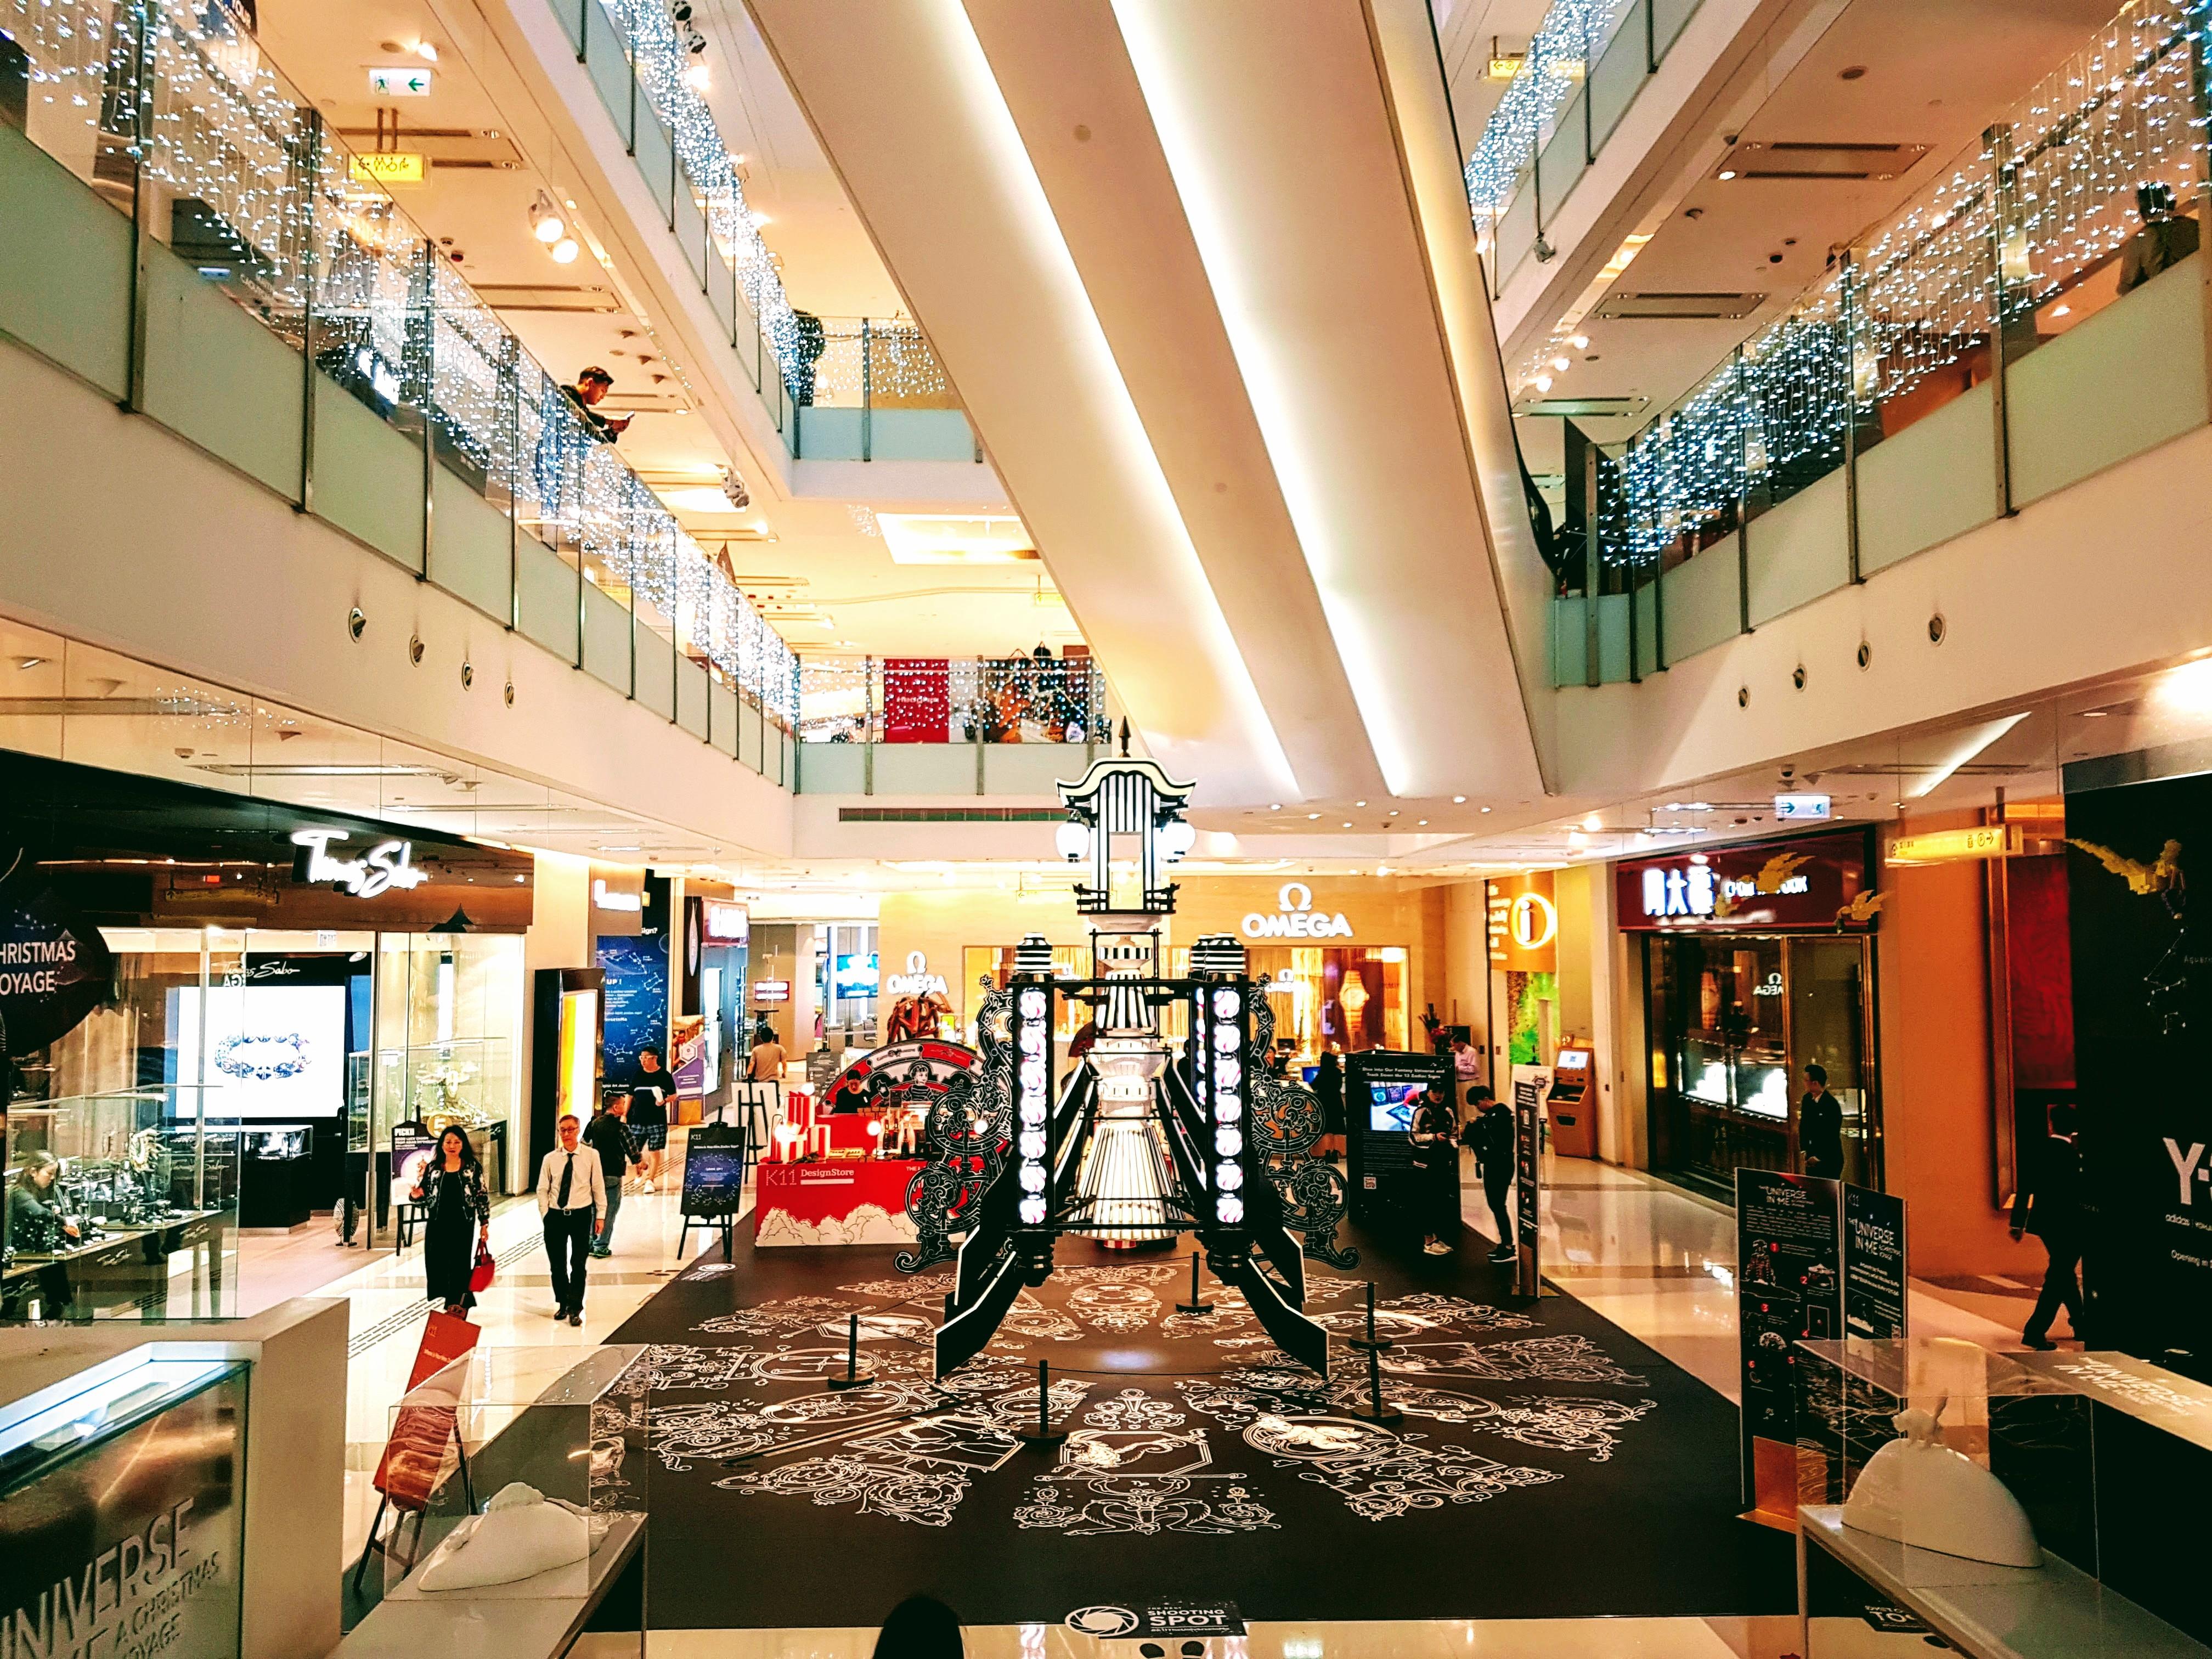 K11 Art Mall - Tsim Sha Tsui - Space Themed